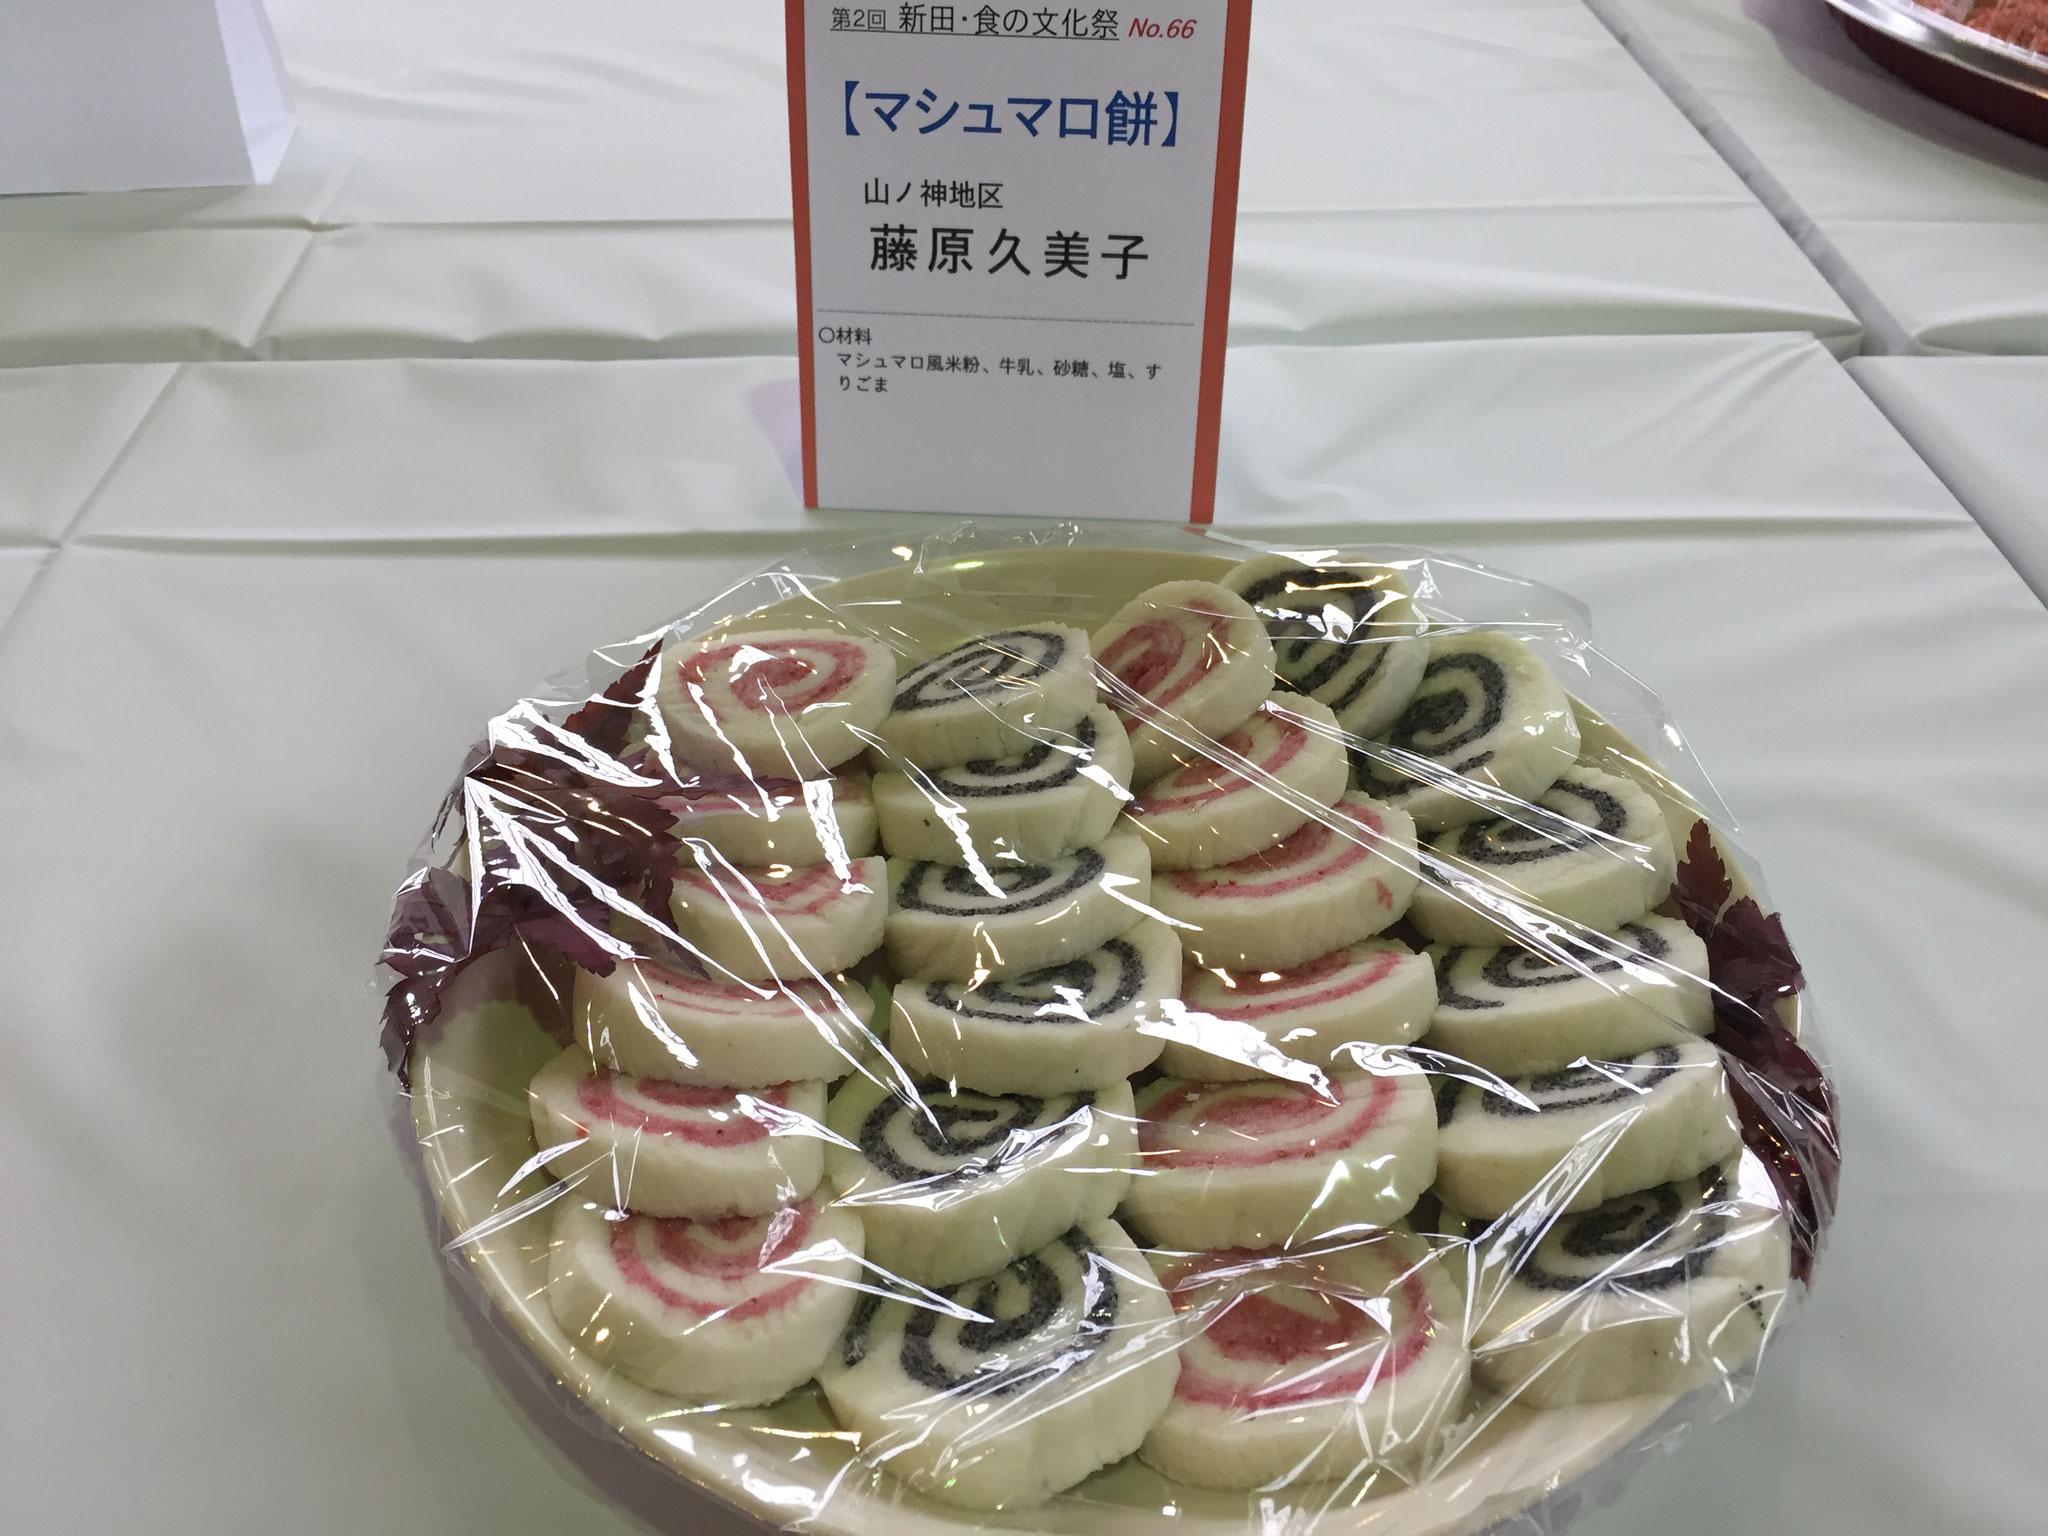 マシュマロ餅って、なんだろう??これは試食にありつけませんでした・・・残念!